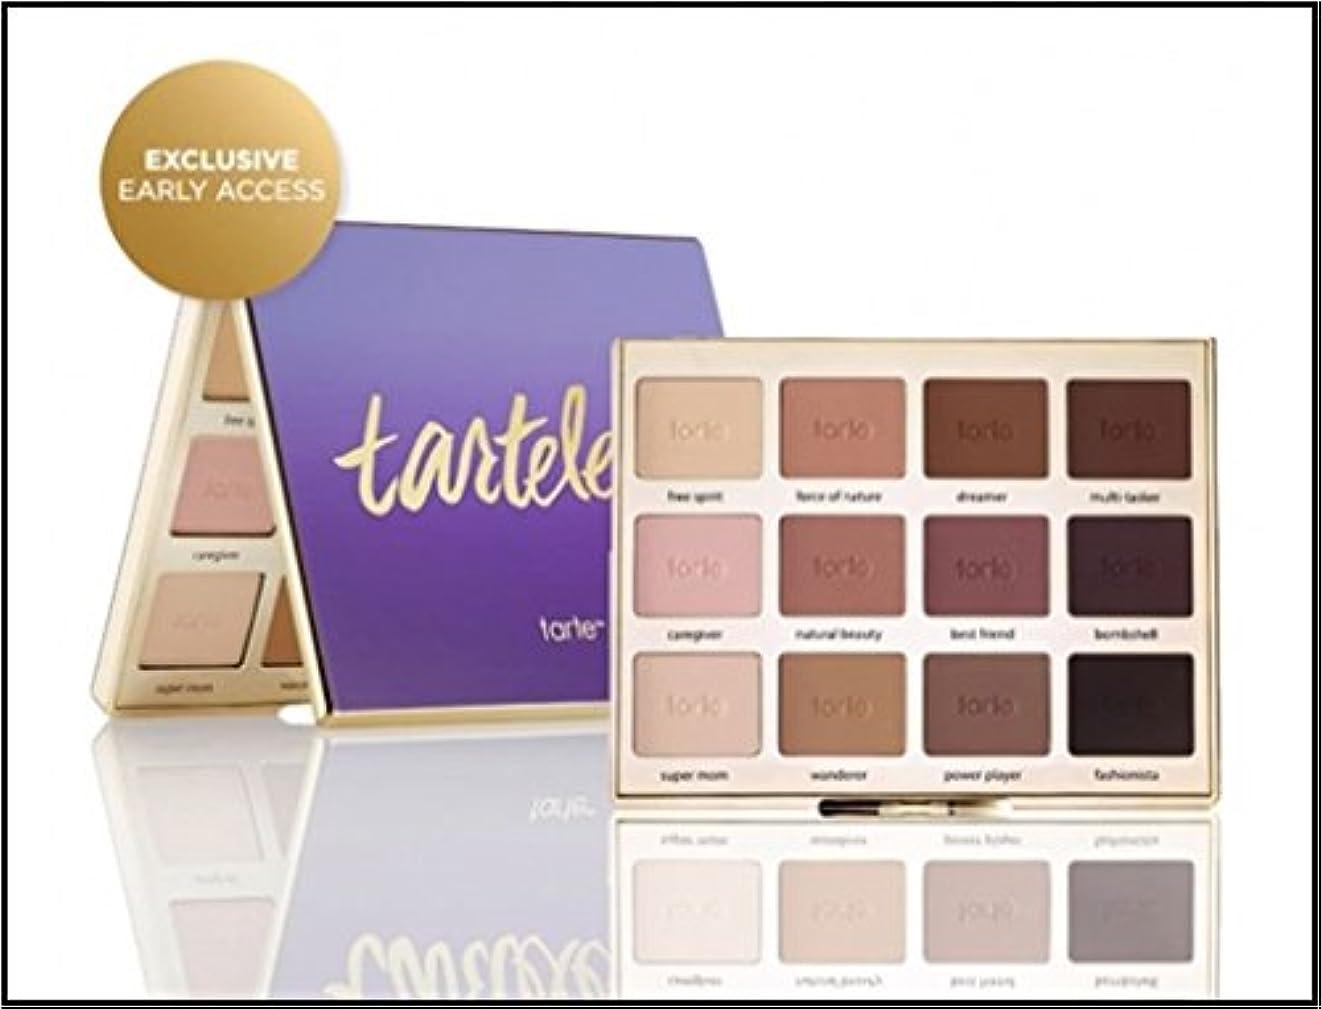 膿瘍クロールコンクリートTarte Tartelettonian Clay Matte Eyeshadow Palette (Limited Edition) タルト マットアイシャドーパレット [並行輸入品]e Amaz